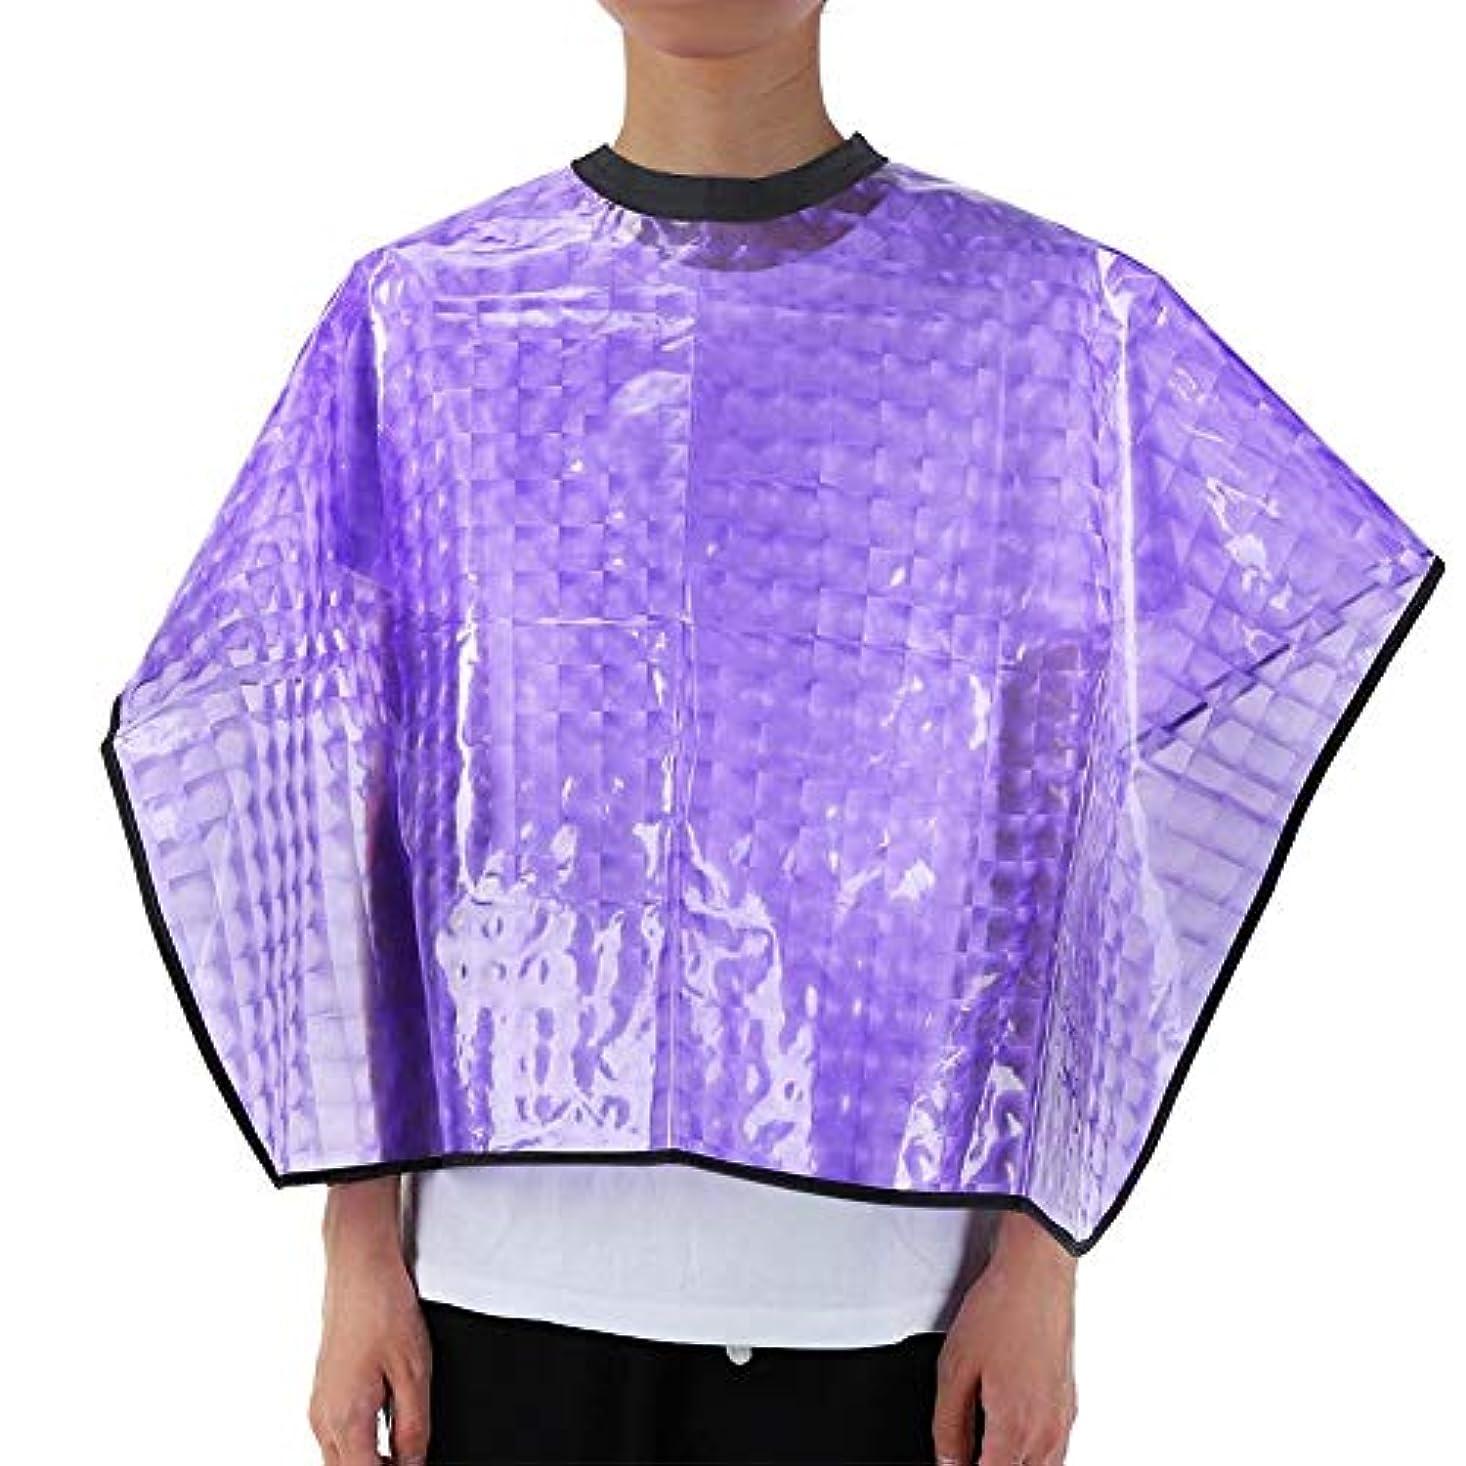 楽しいメイン納屋プロのサロンケープ、80 x 76 cm理髪ショール理髪店ヘアサロン理髪ショールケープラップ(紫の)